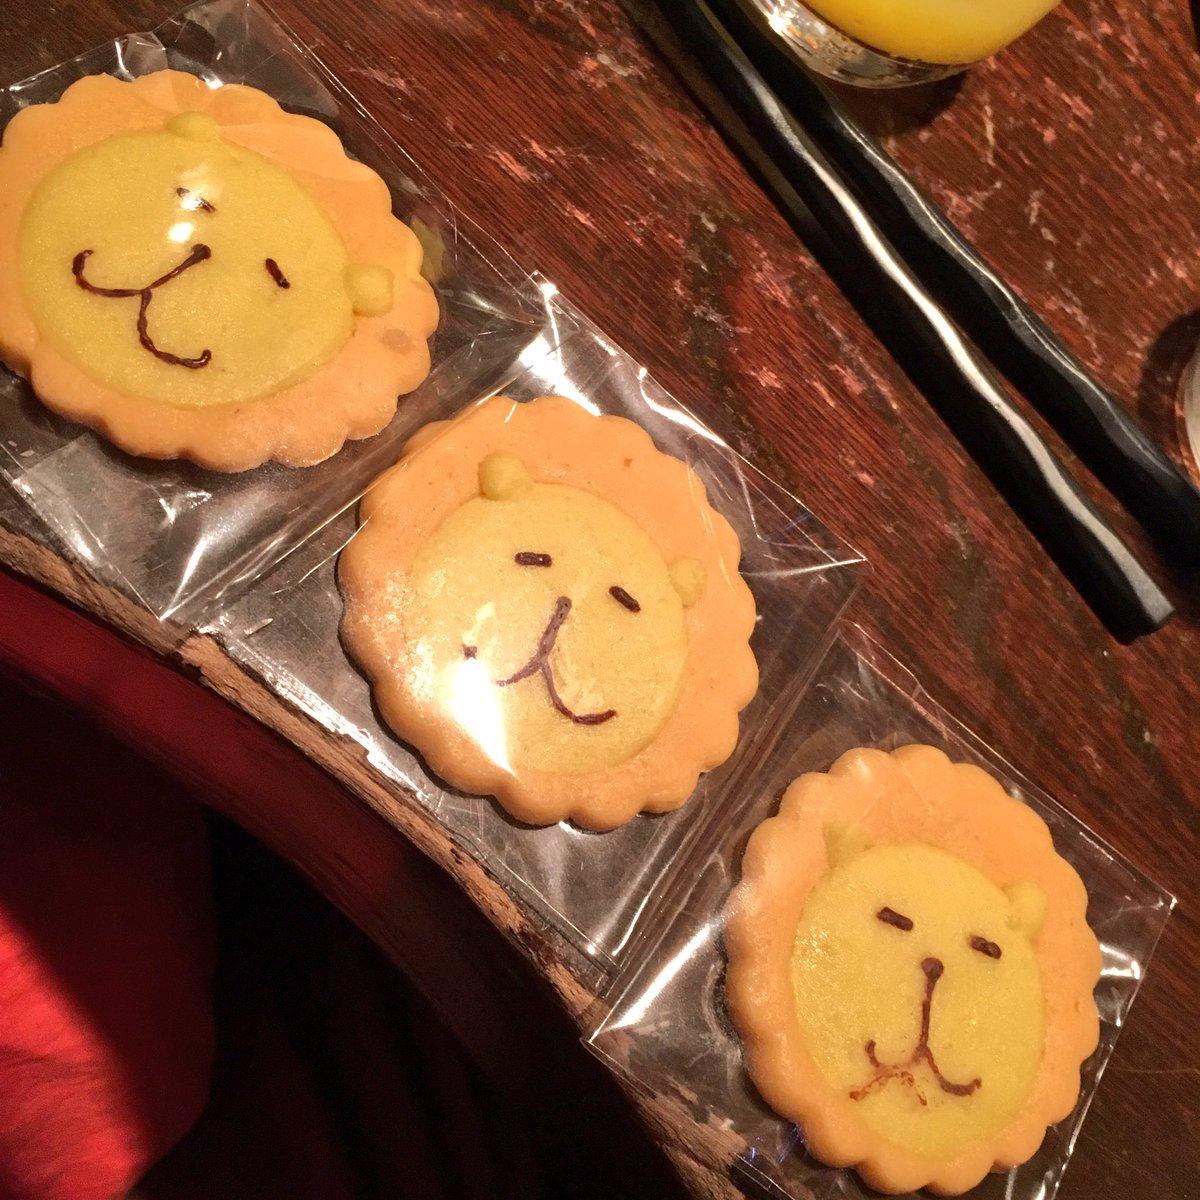 そういえば、だいぶ前なのだけどね。紅殻のパンドラをご覧になっていた女子から手作りのブエルさんクッキーをいただいたのですよ